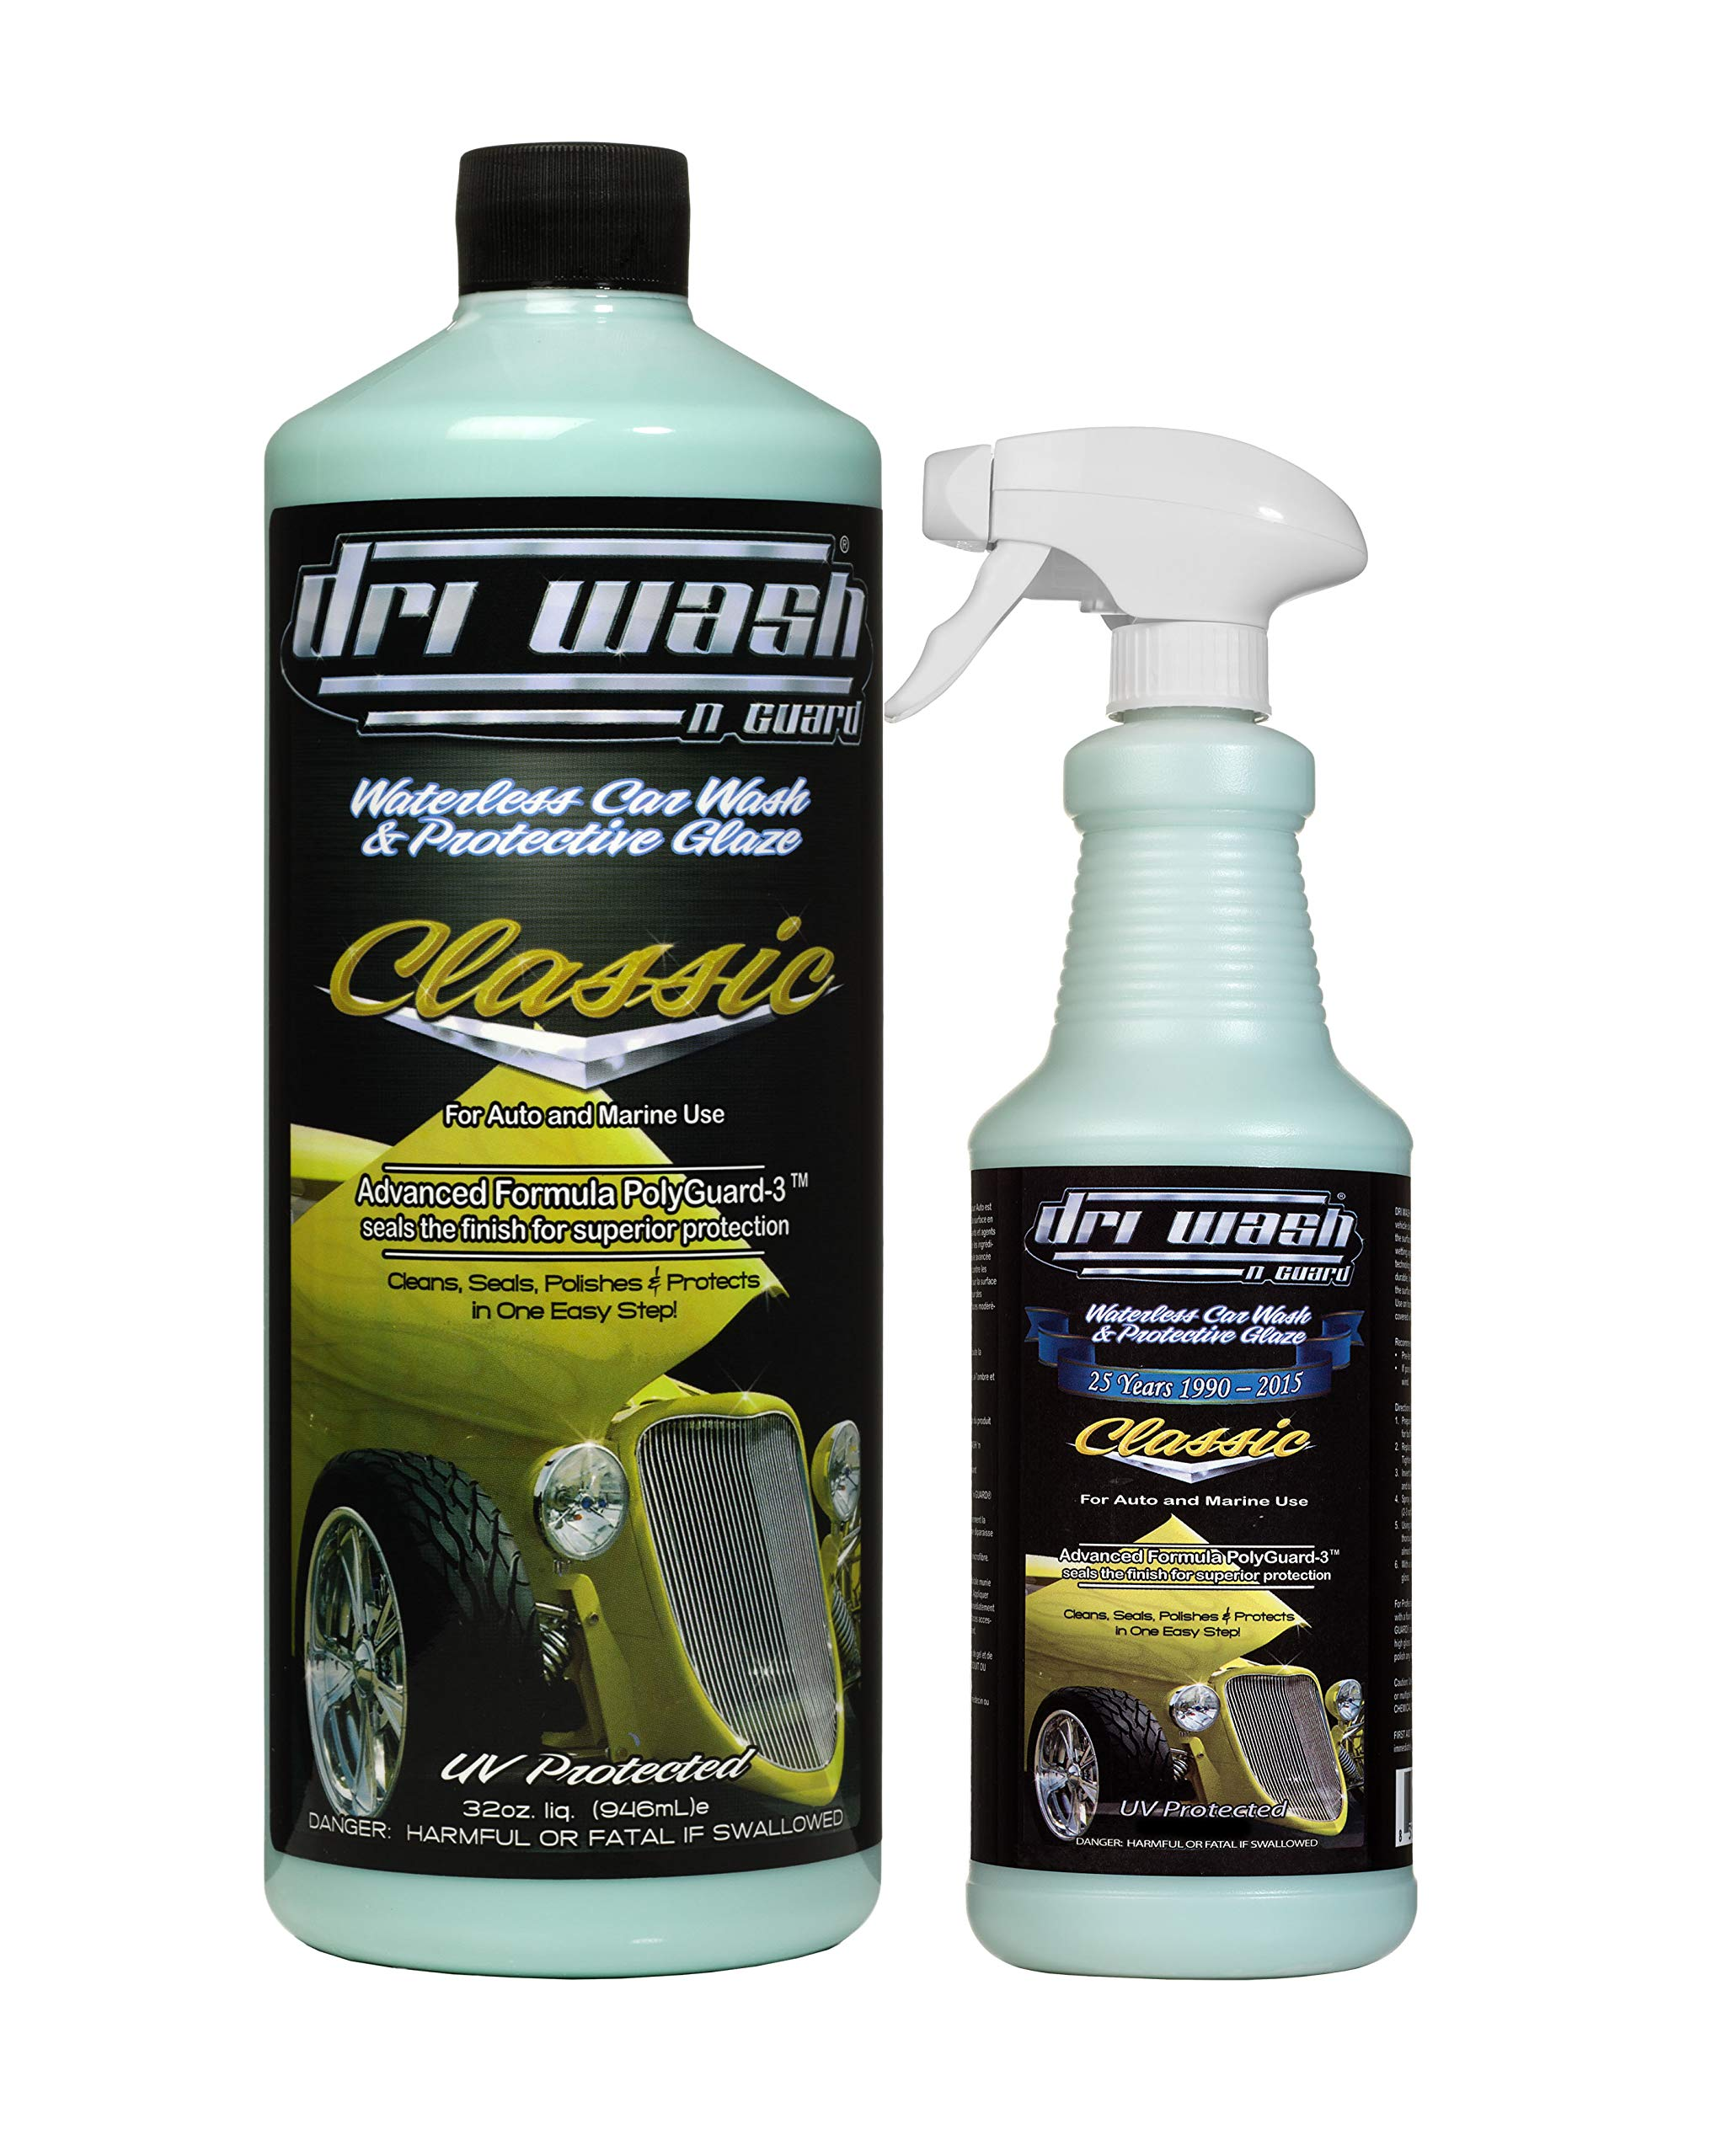 Dri Wash 'n Guard Classic 32oz Waterless Car Wash w/Filled 16oz Spray Bottle